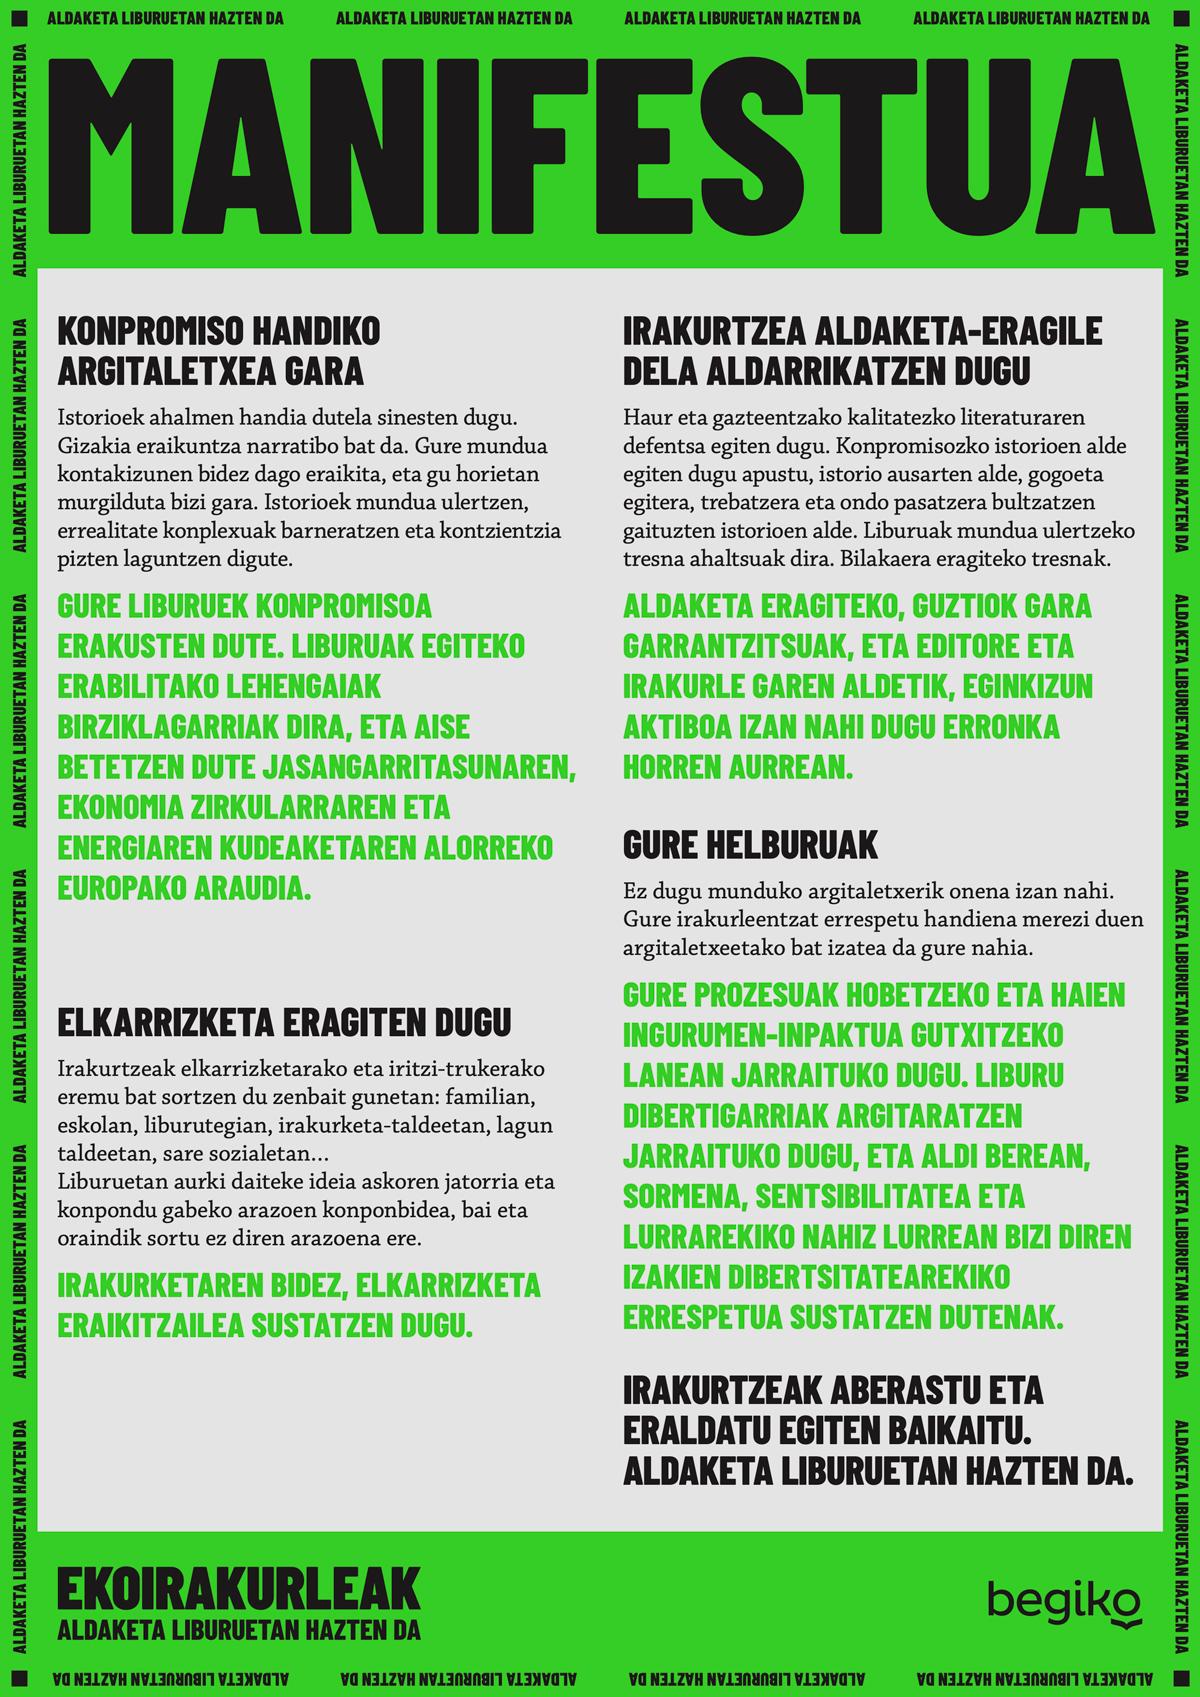 Manifestua